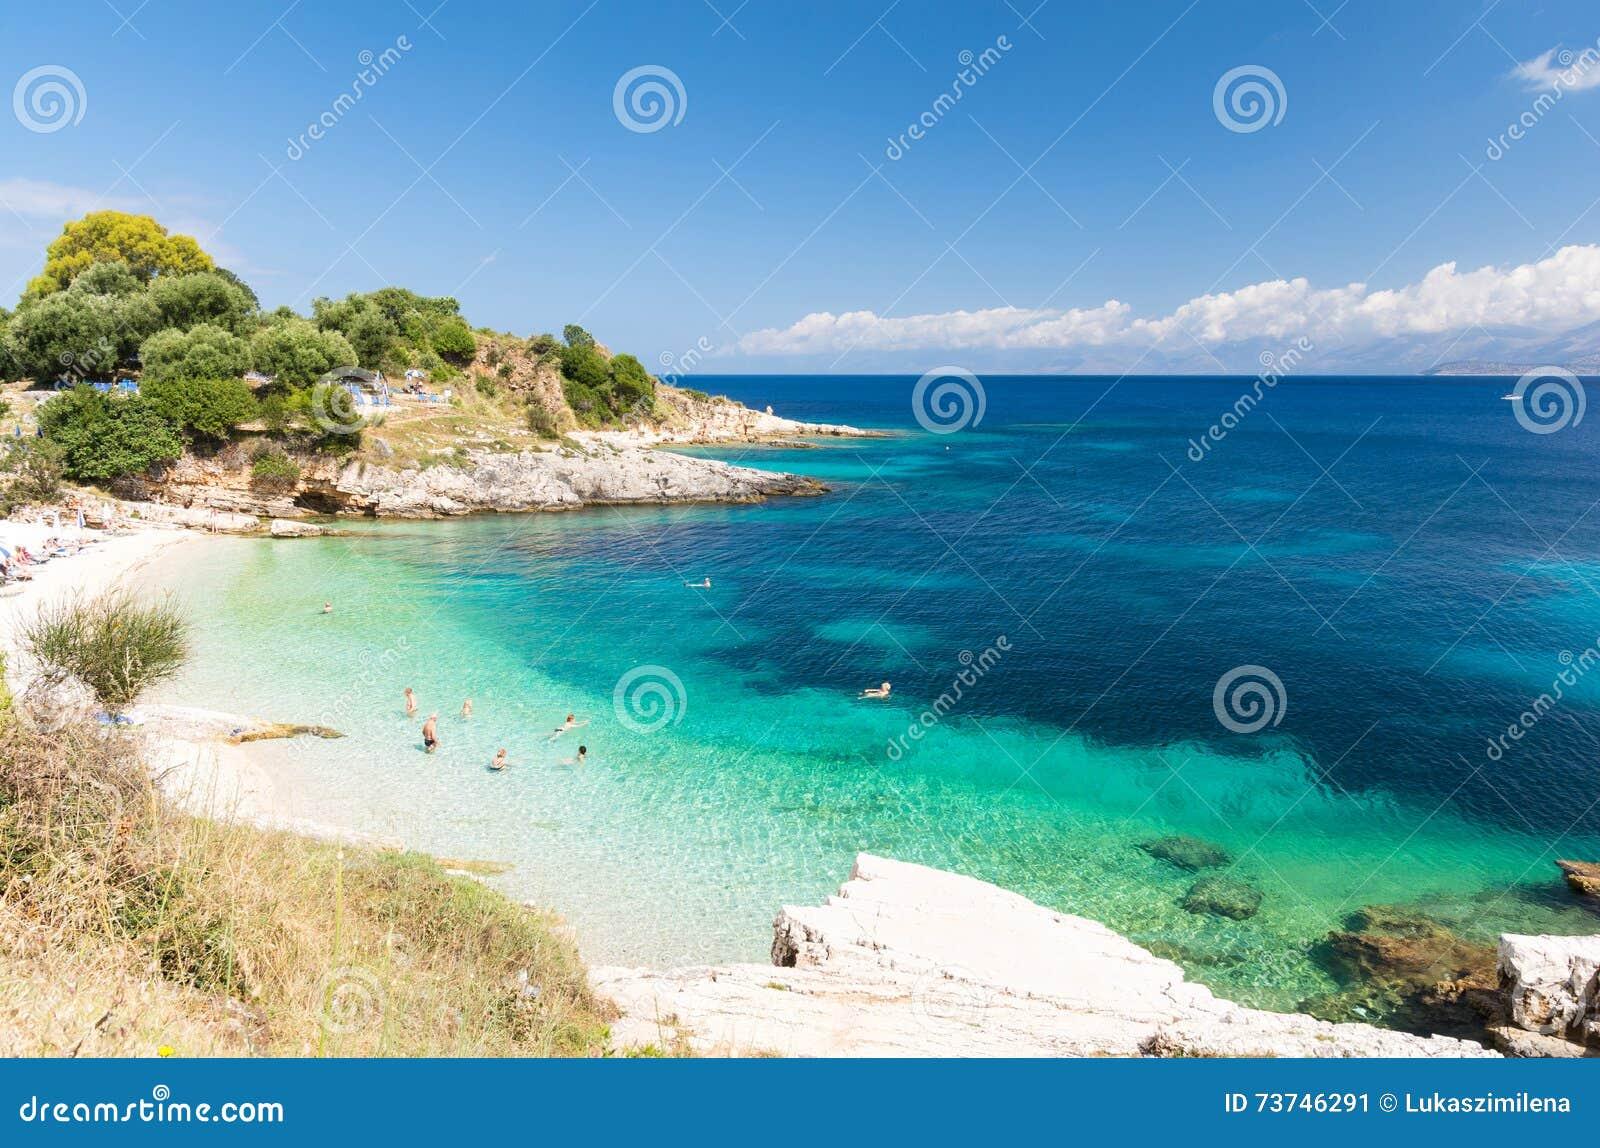 Καταπληκτική παραλία σε Kassiopi στο νησί της Κέρκυρας, Ελλάδα